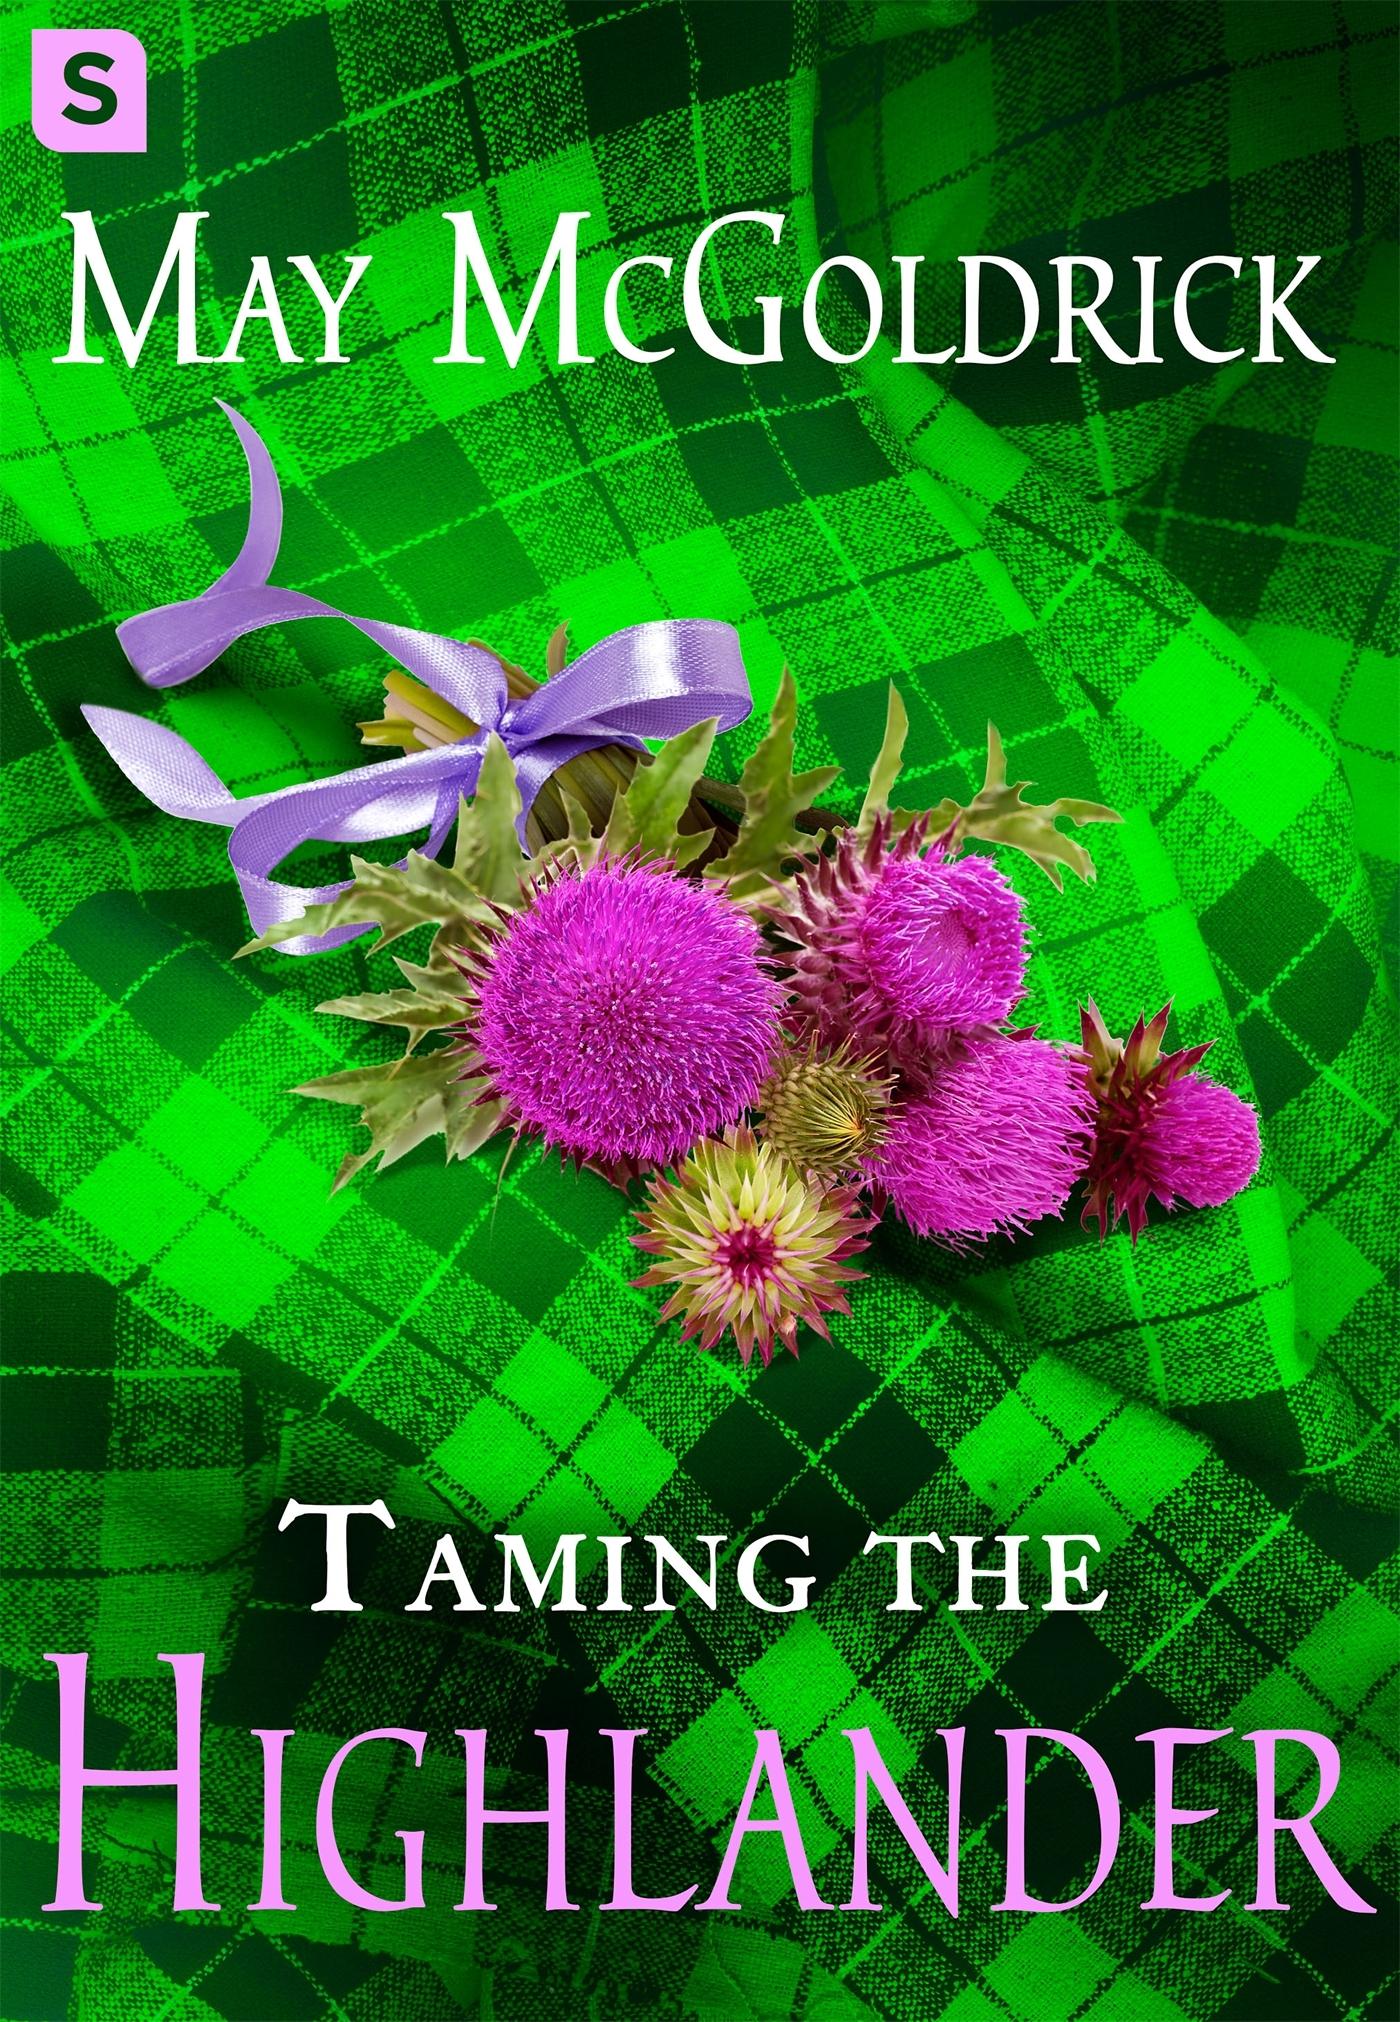 Taming the Highlander by May McGoldrick